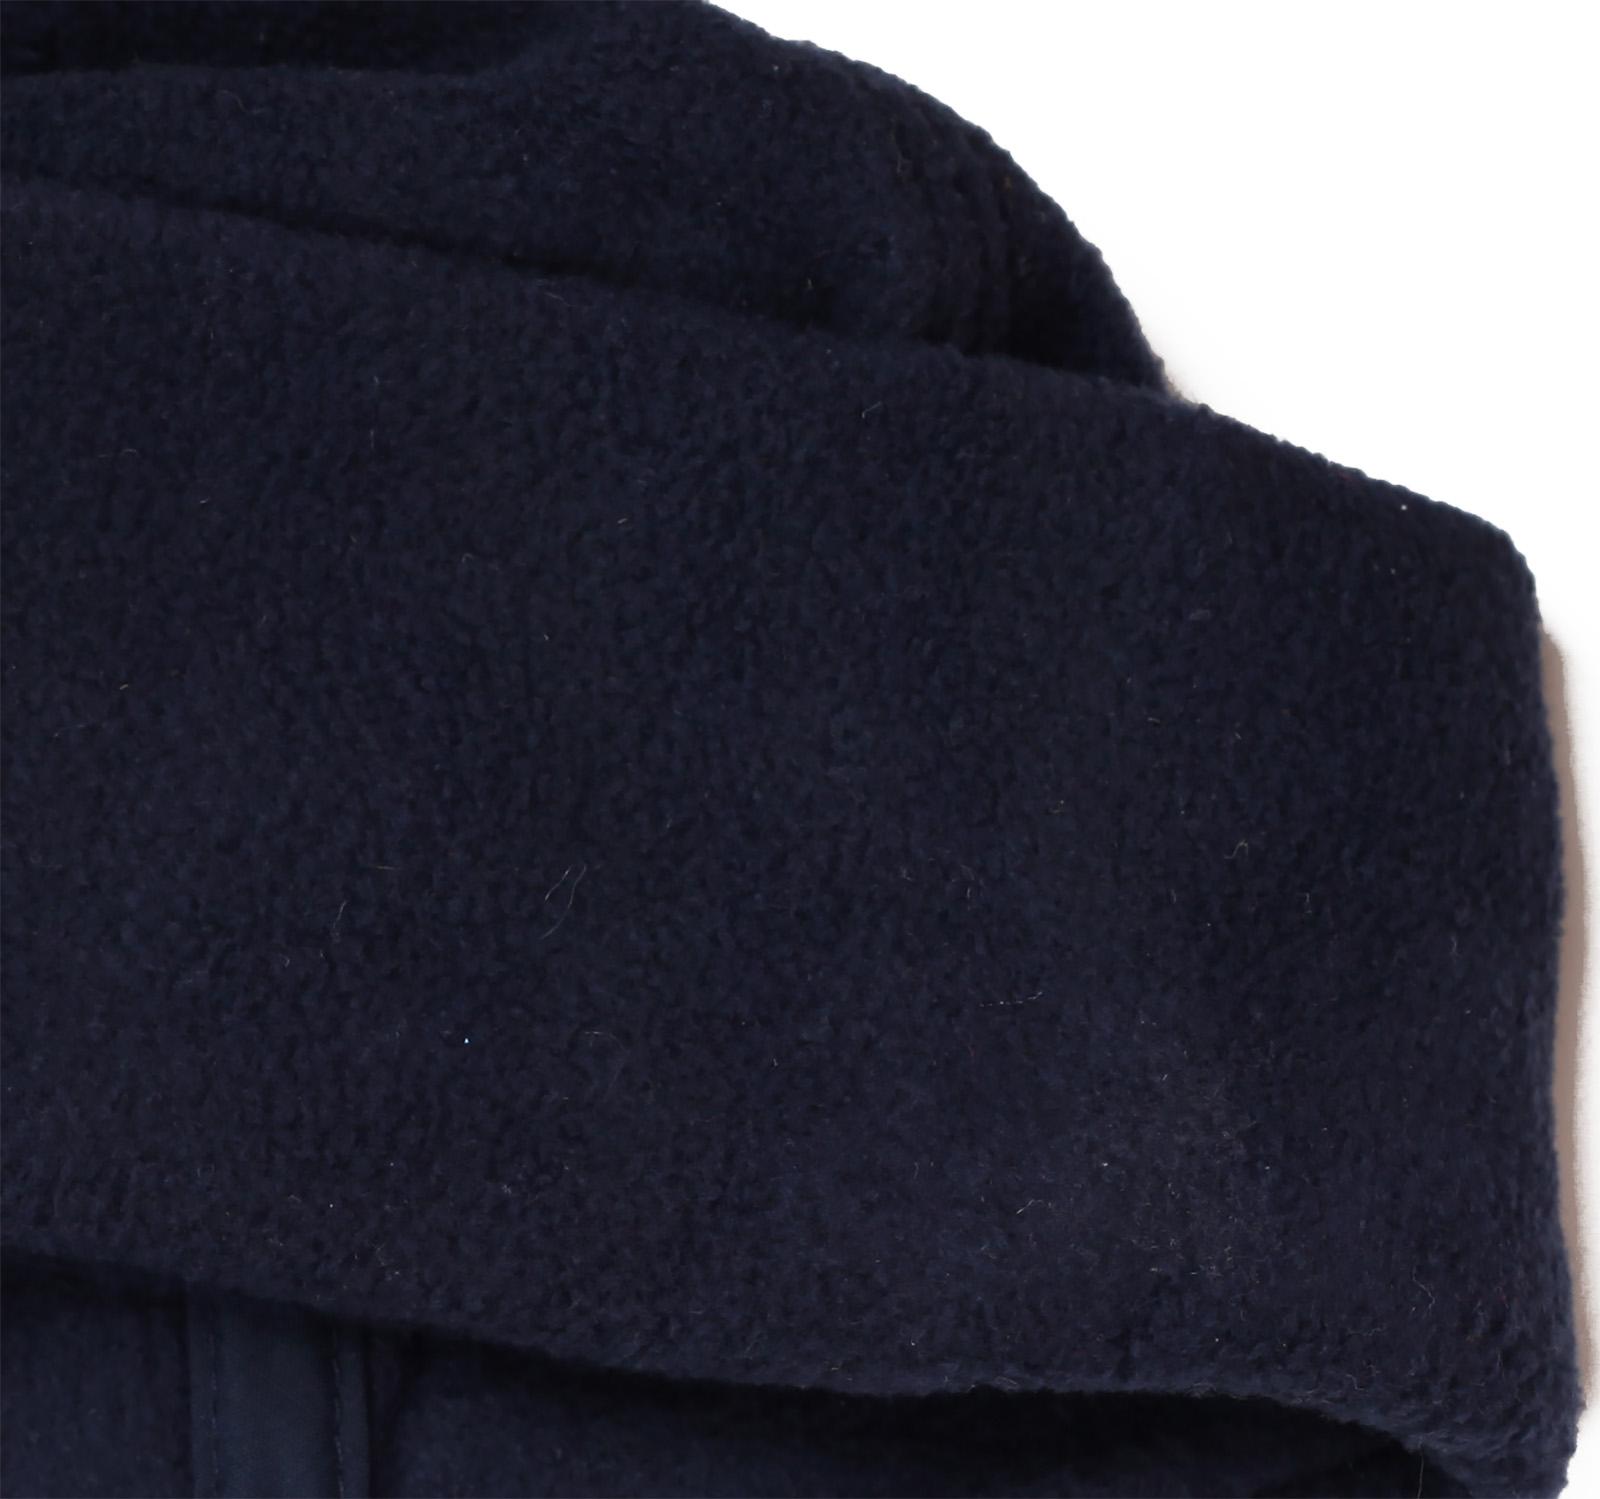 Заказать теплую зимнюю флисовую шапку с  большим отворотом, на флисе по низкой цене